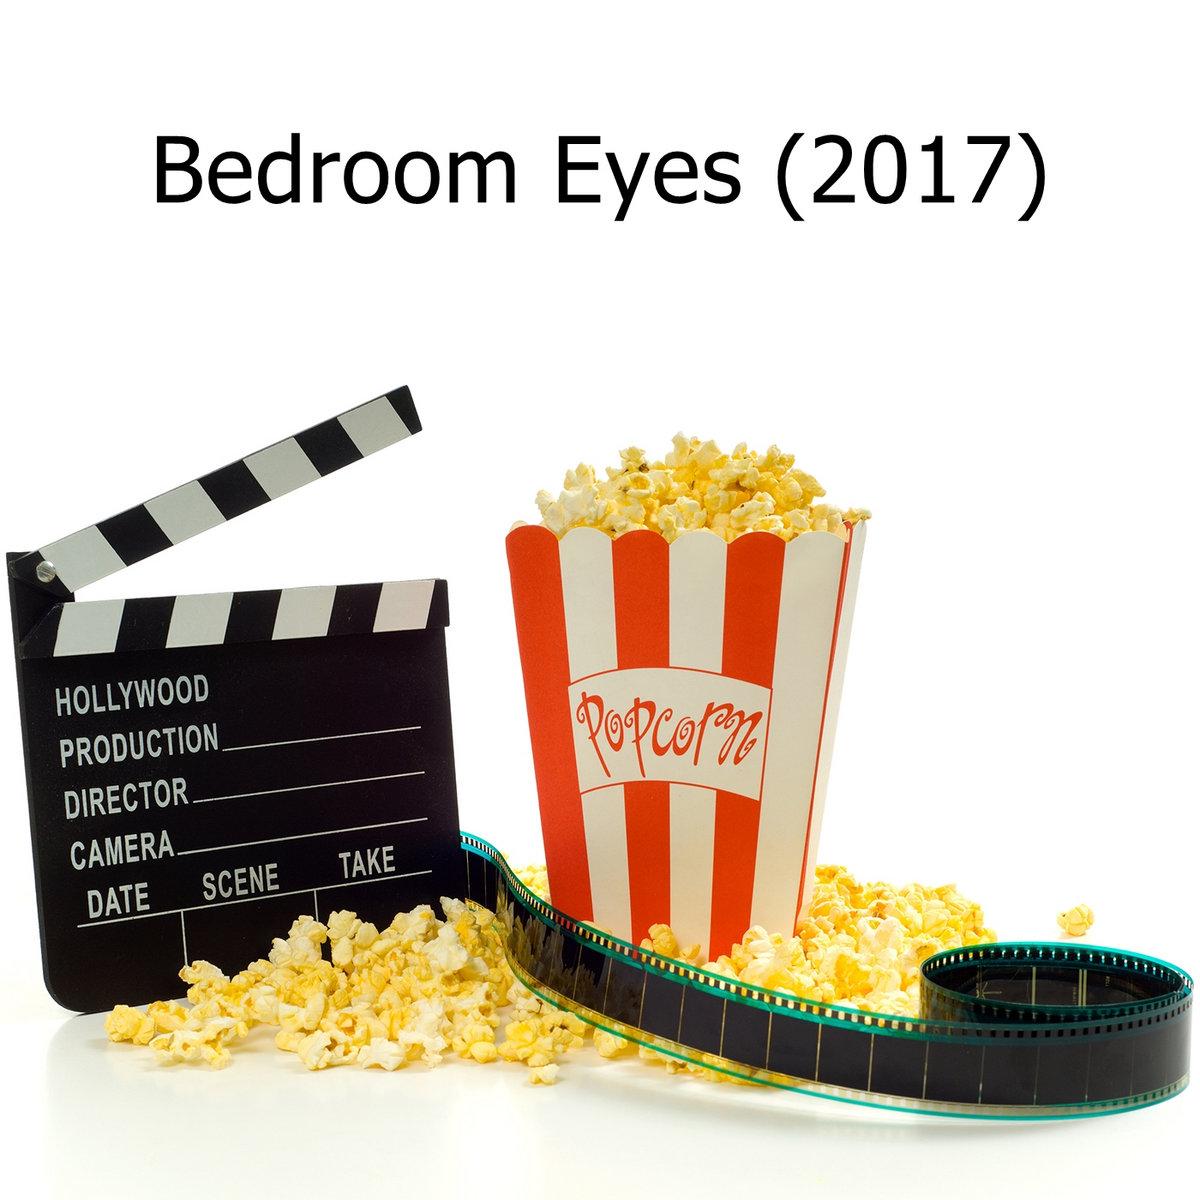 Bedroom Eyes Full Movie 2017 bedroom eyes movie watch online